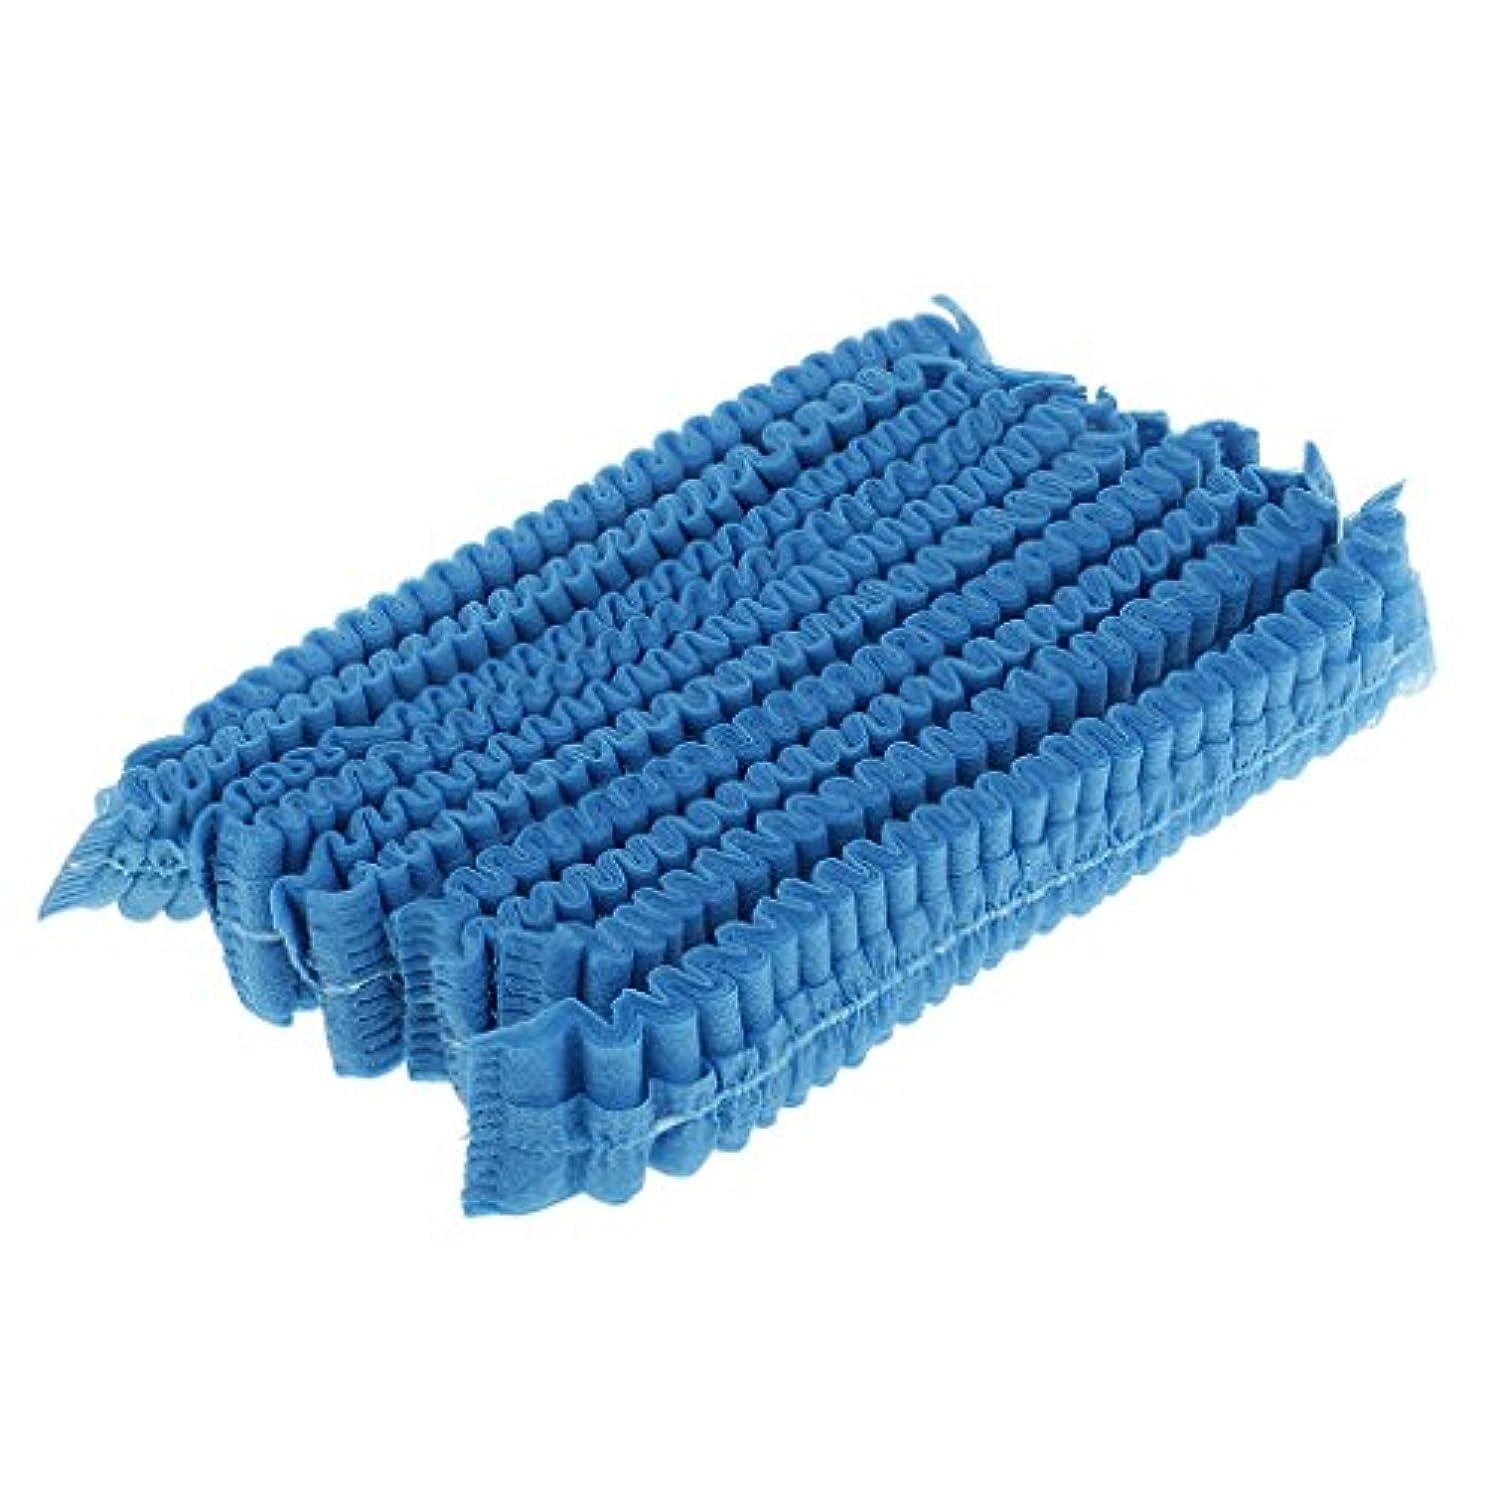 責無許可服を洗うBaoblaze ディスポキャップ ネットキャップ 使い捨て フリーサイズ ヘアキャップ 不織布 衛生帽子 10個入り